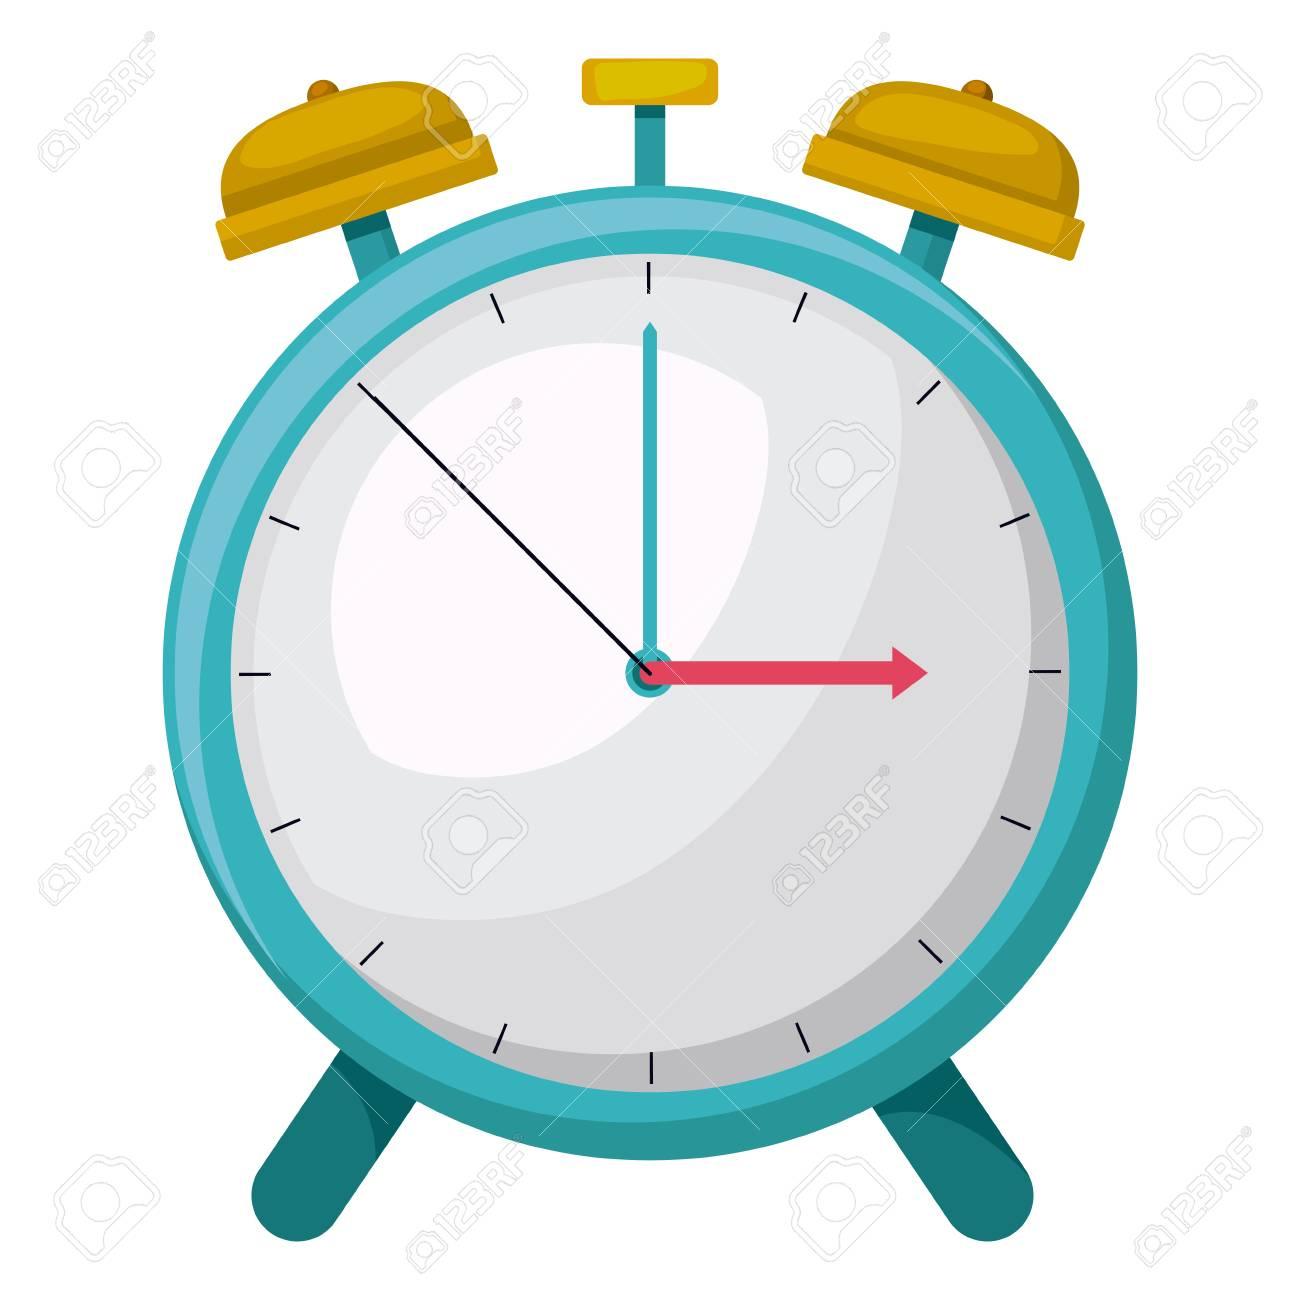 Heure De L'alarme D'horloge Dessin Isolé Conception Icône Vecteur  Illustration destiné Dessin D Horloge